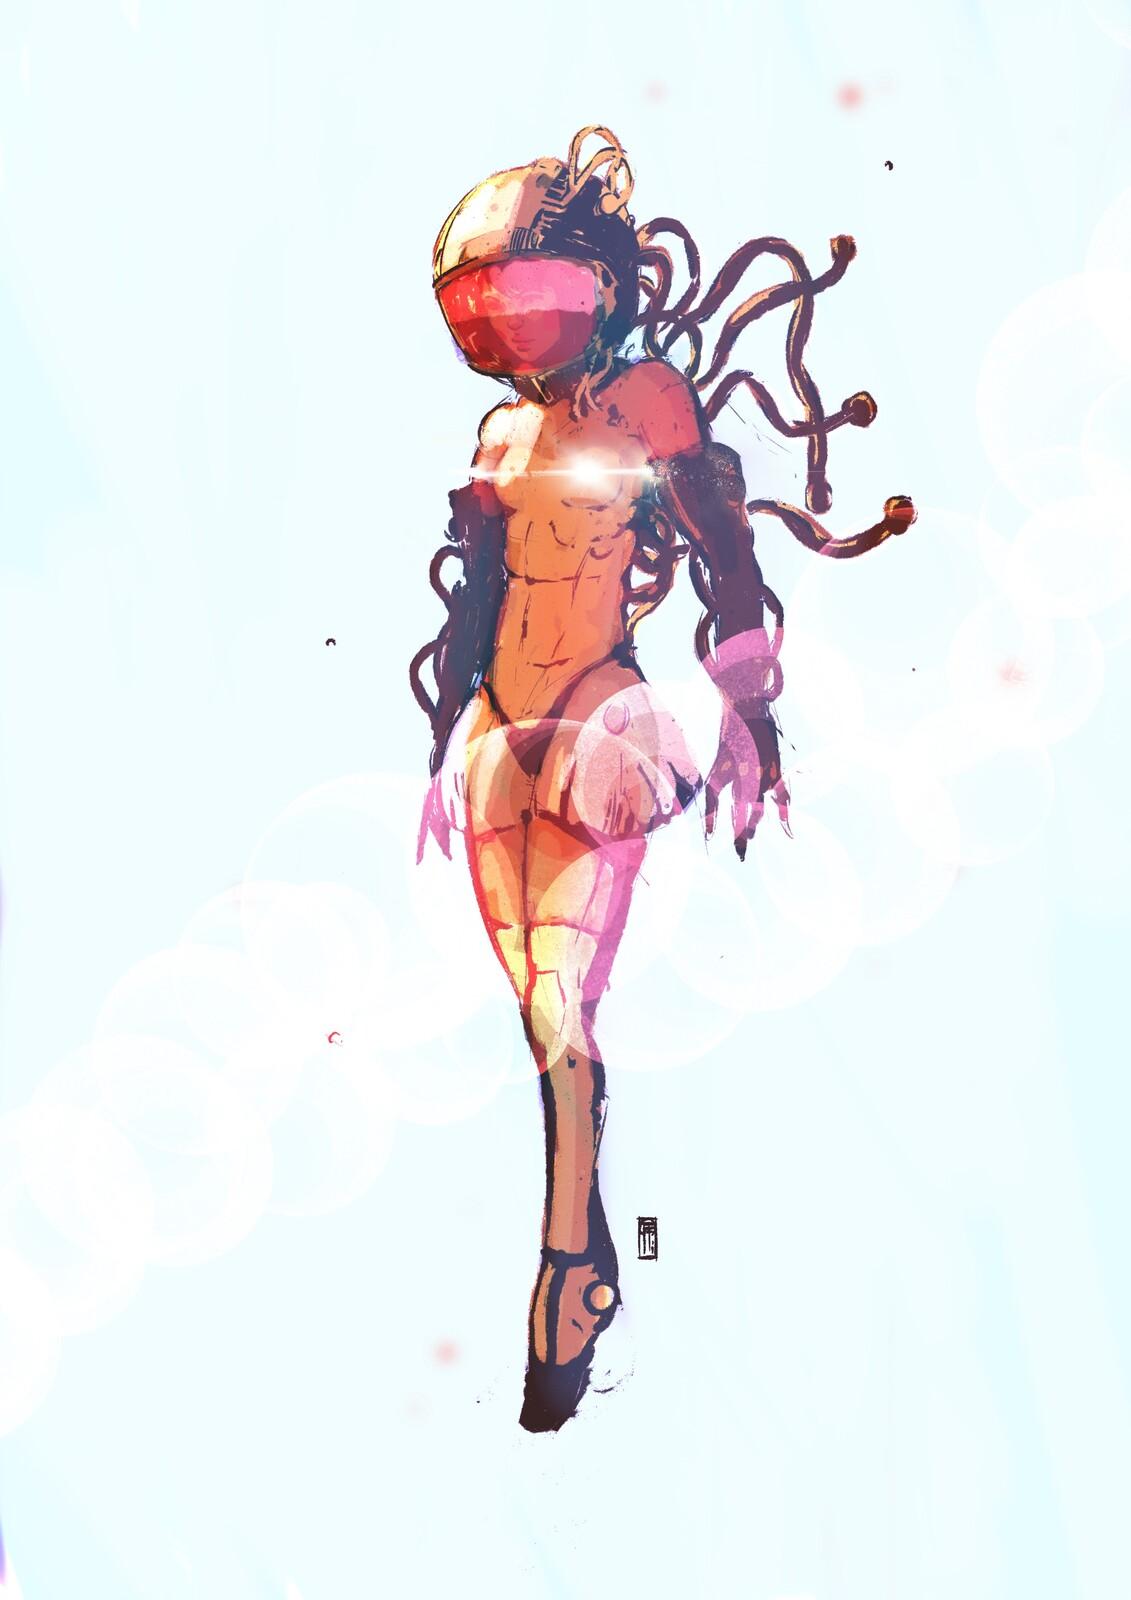 Doodling, space ballerina